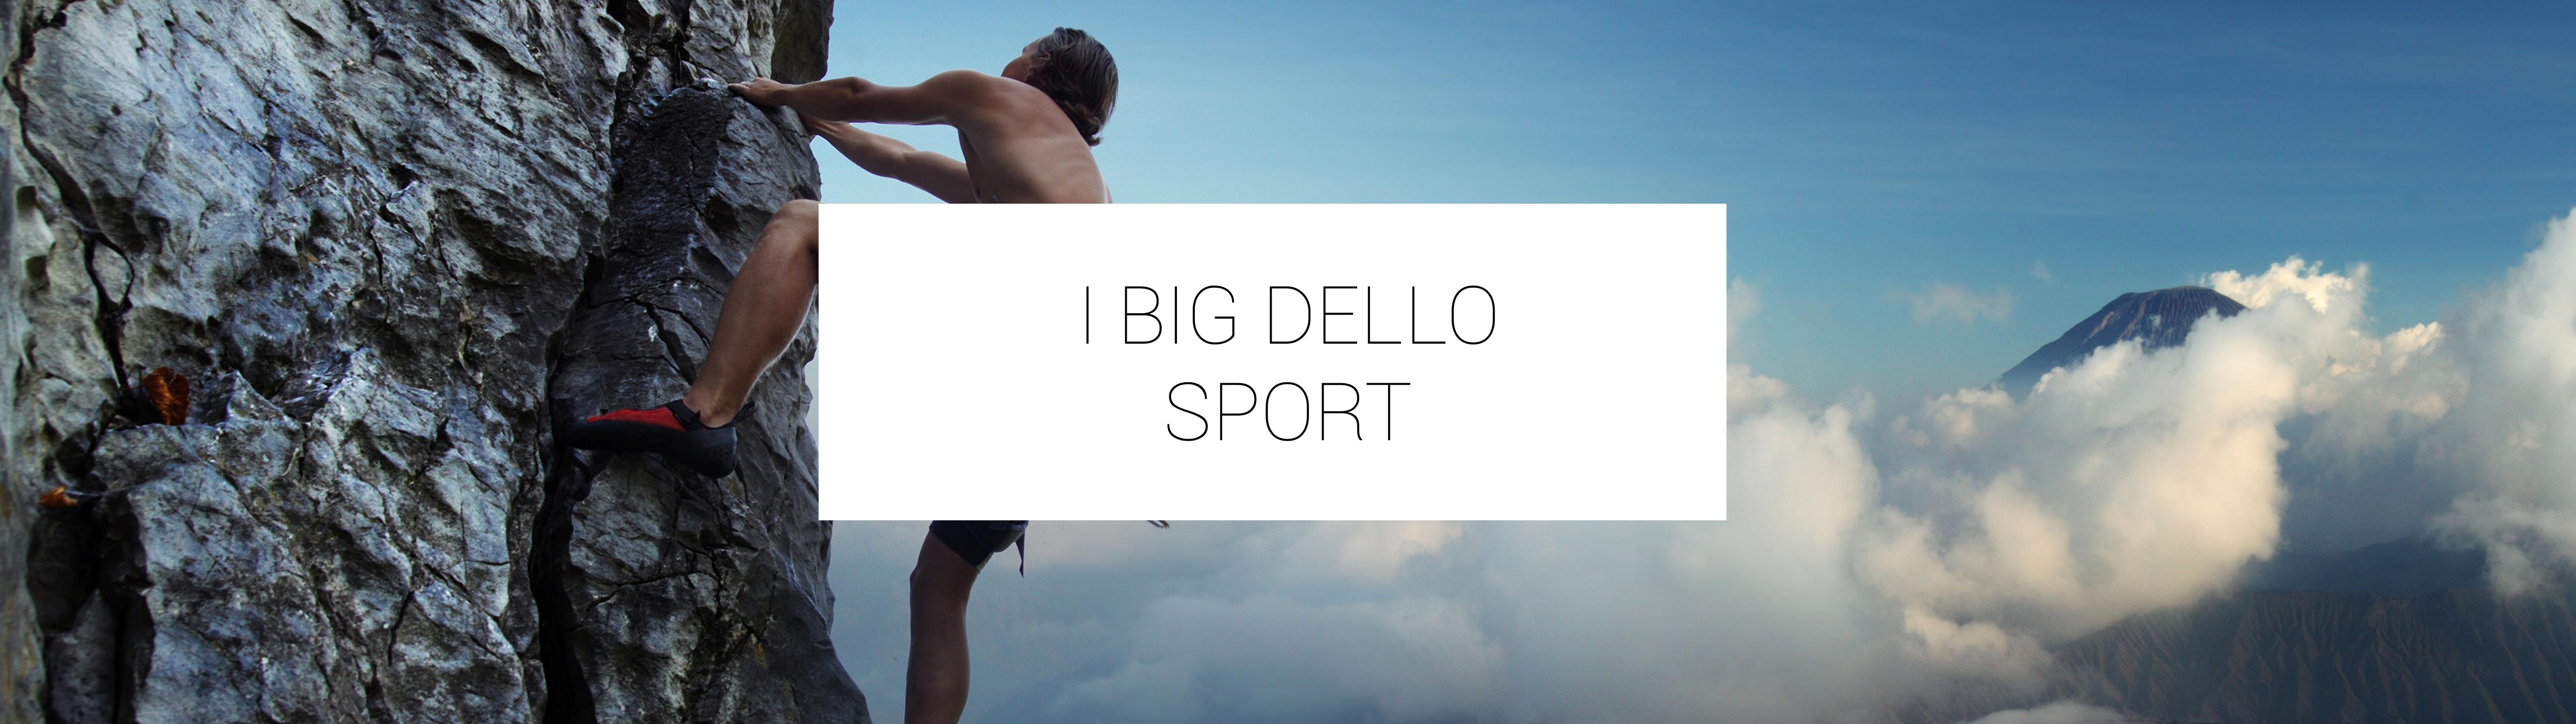 I BIG DELLO SPORT